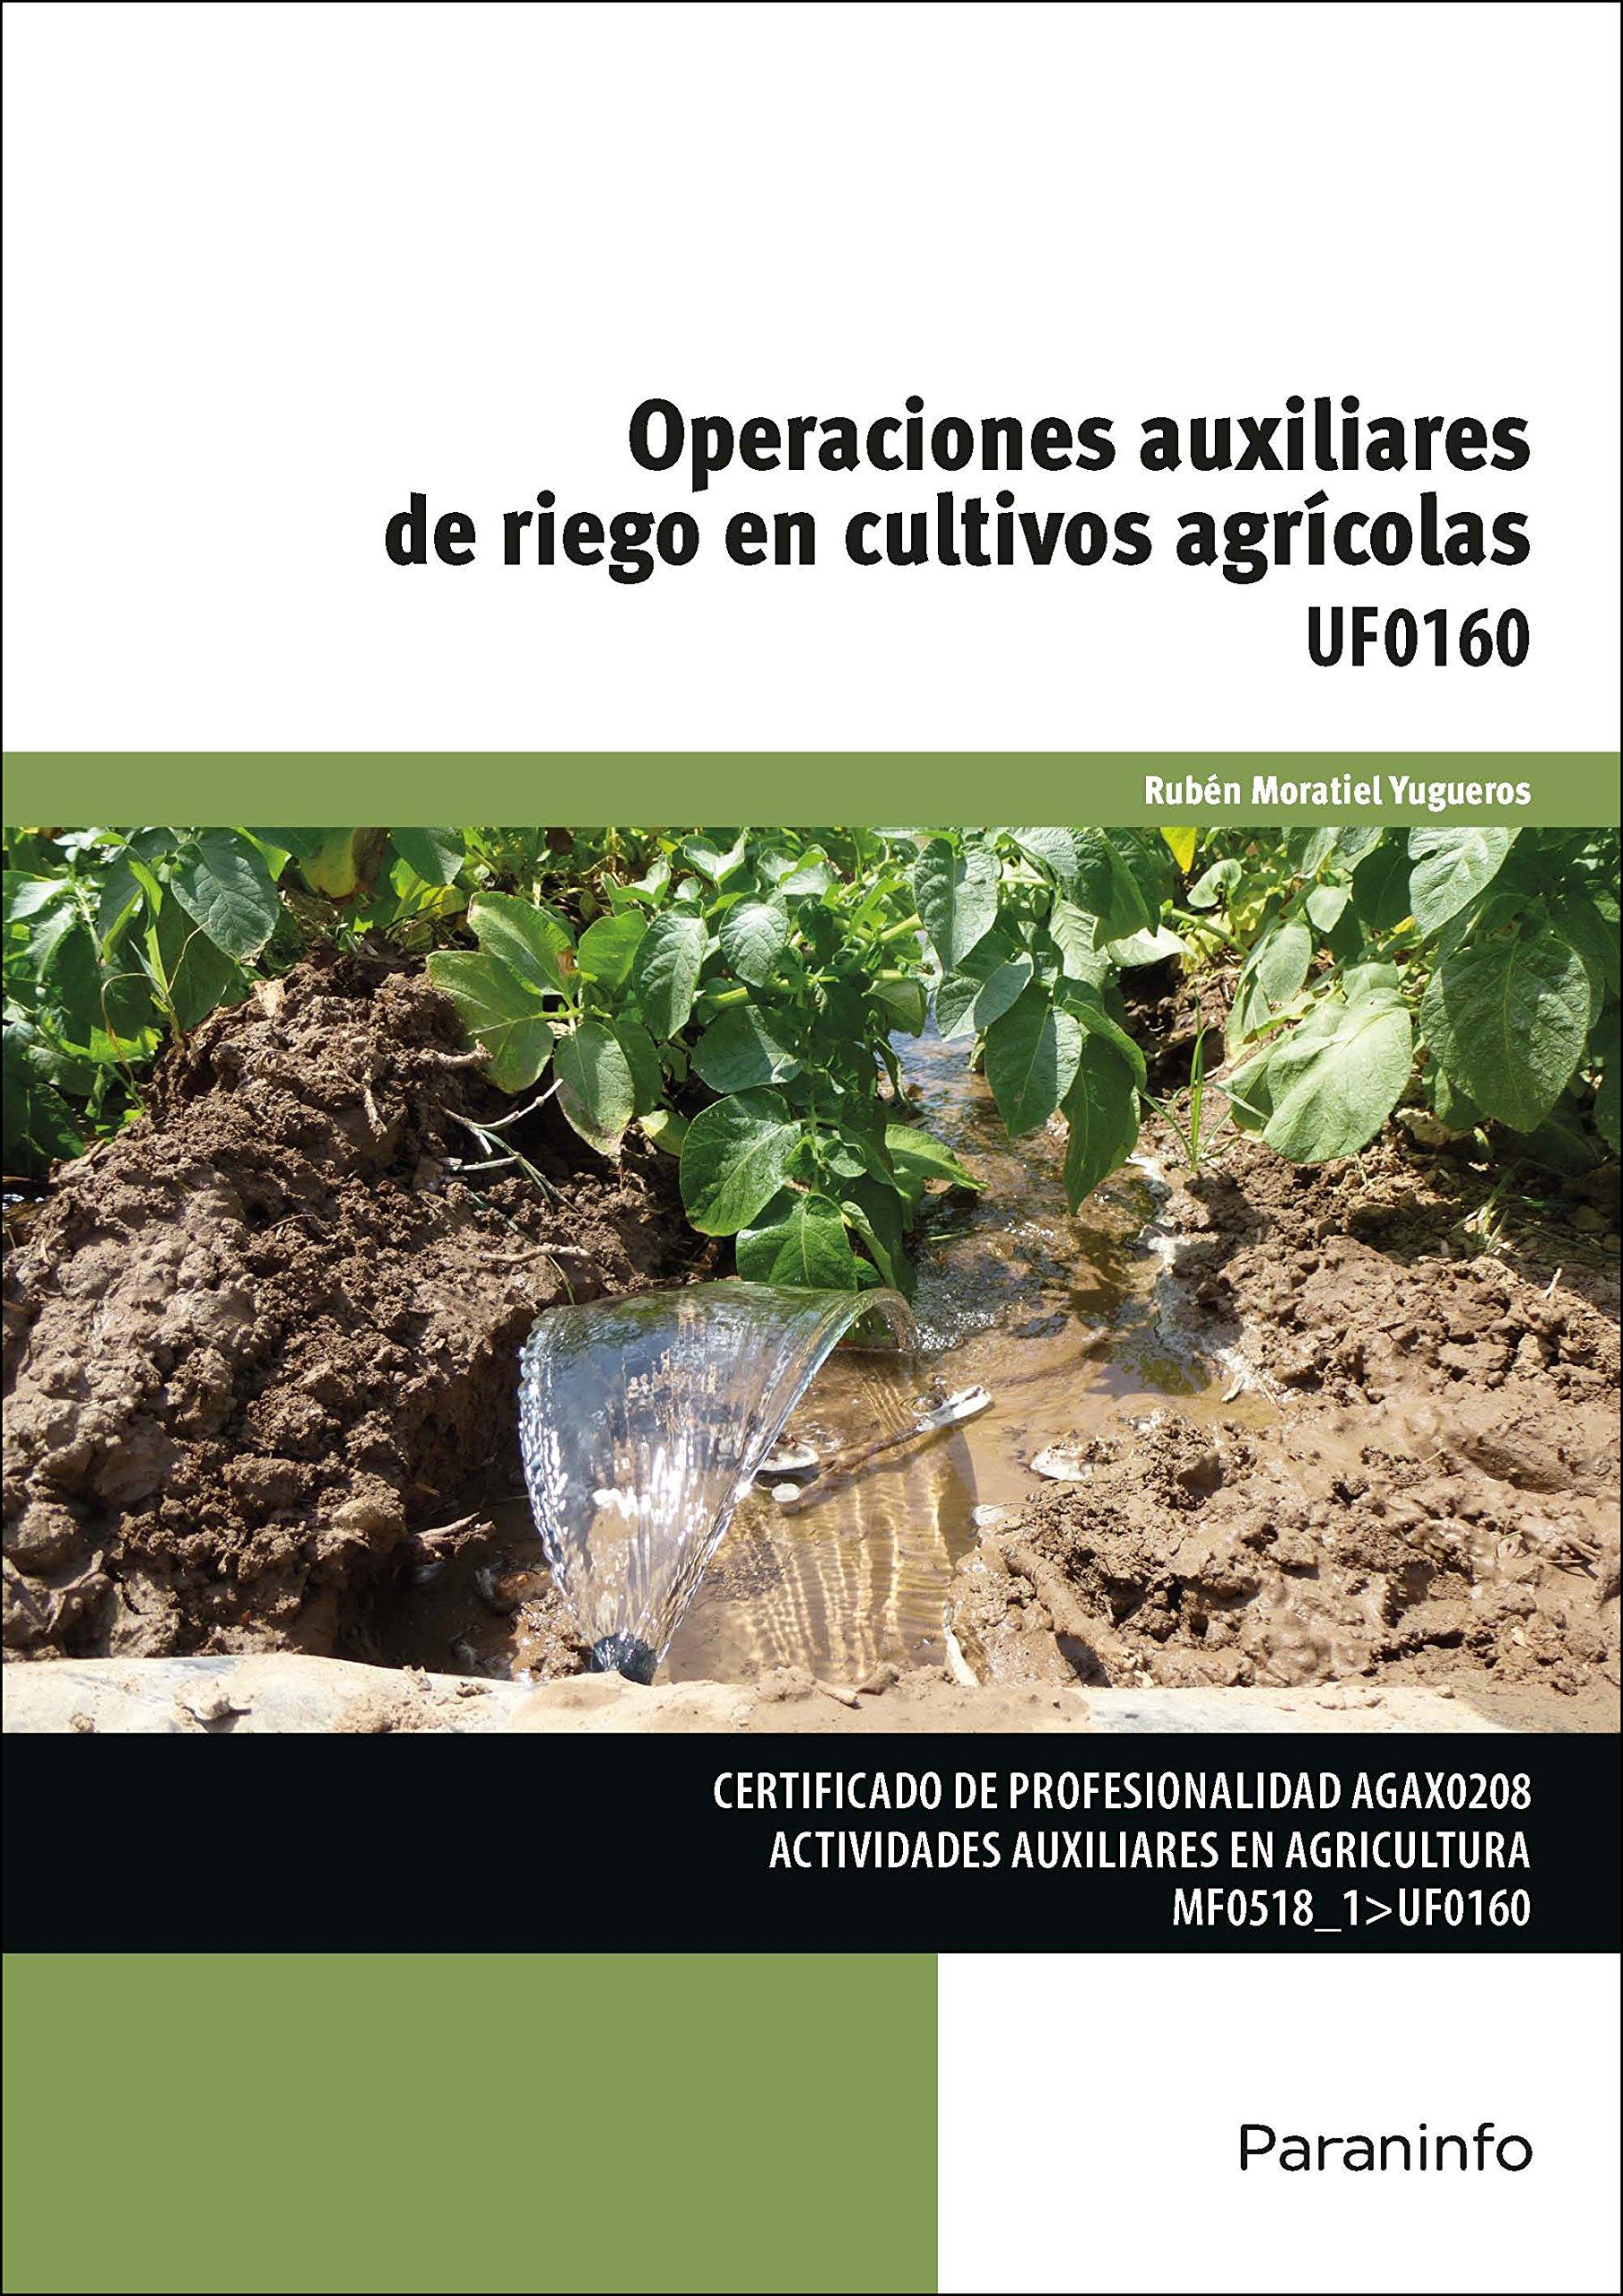 Operaciones auxiliares de riego en cultivos agrícolas Cp - Certificado Profesionalidad: Amazon.es: RUBEN MORATIEL YUGUEROS: Libros